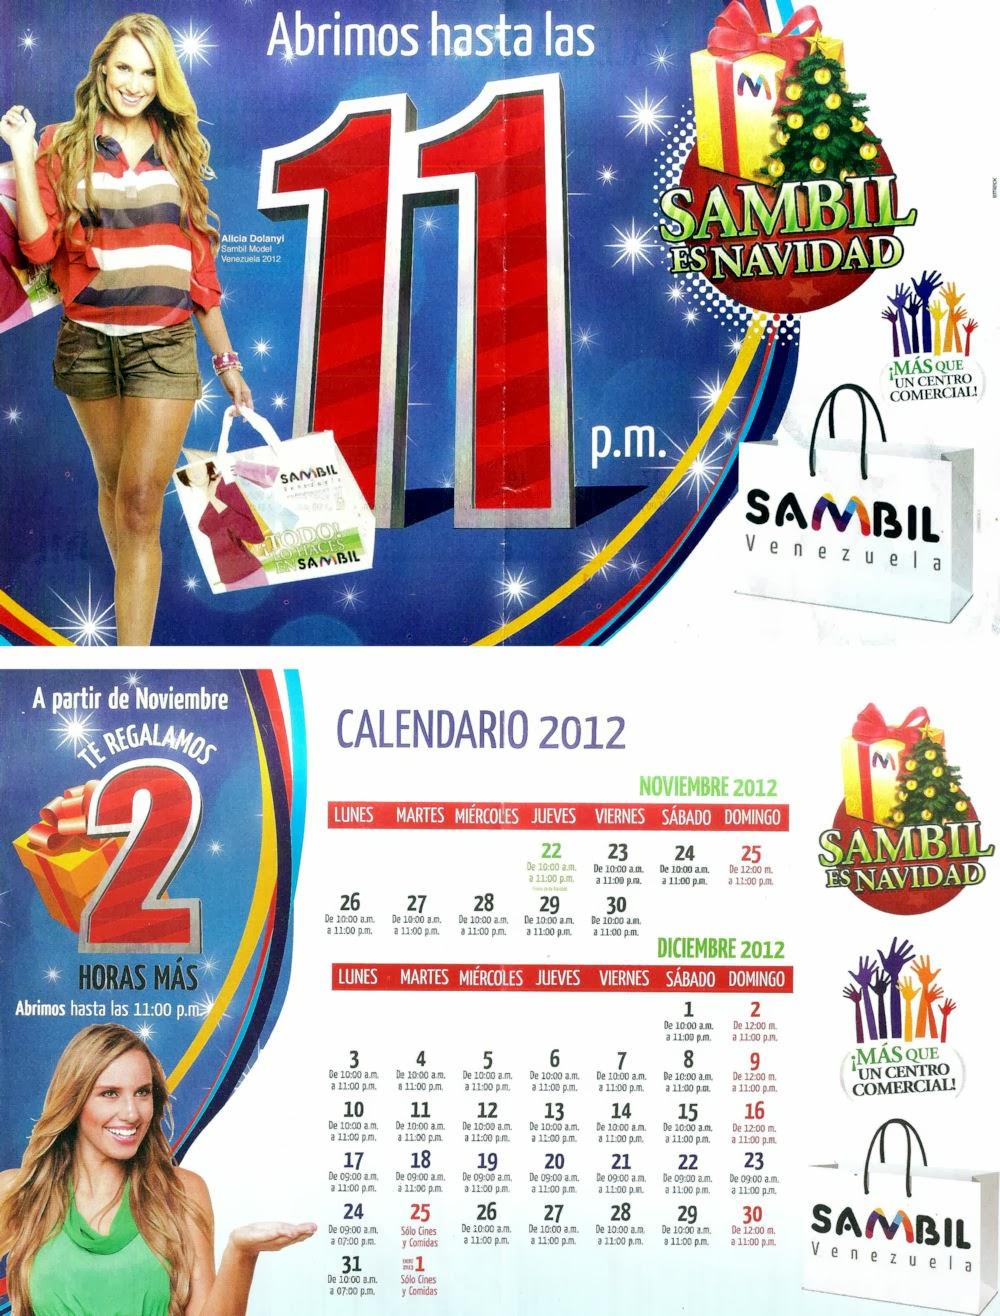 Horario Navideño del Sambil año 2012